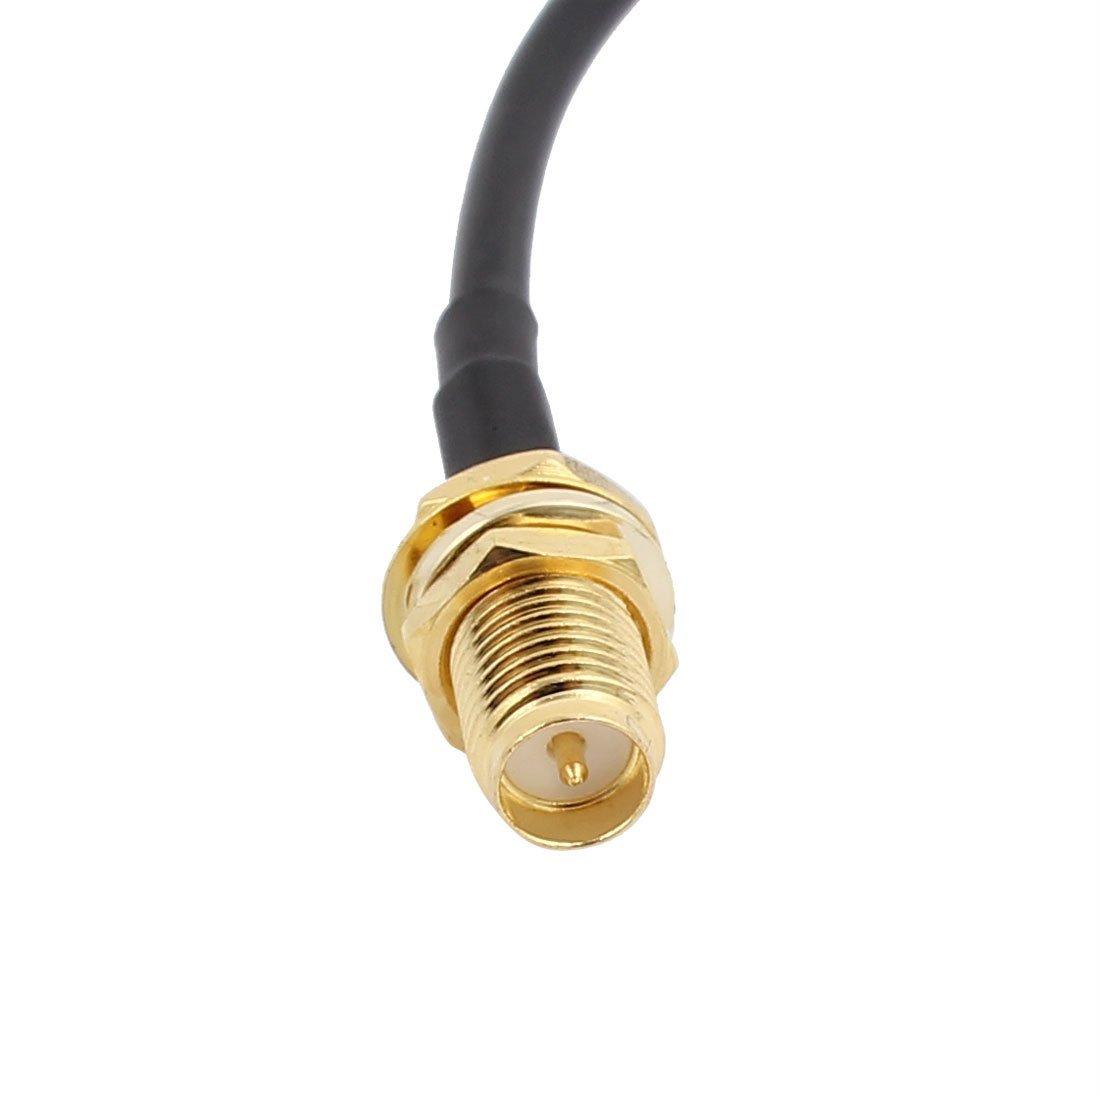 Amazon.com: DealMux 2pcs 50 centímetros RG174 Antena Cabo de extensão RP-SMA Male to Female Connector Pigtail Cable: Electronics